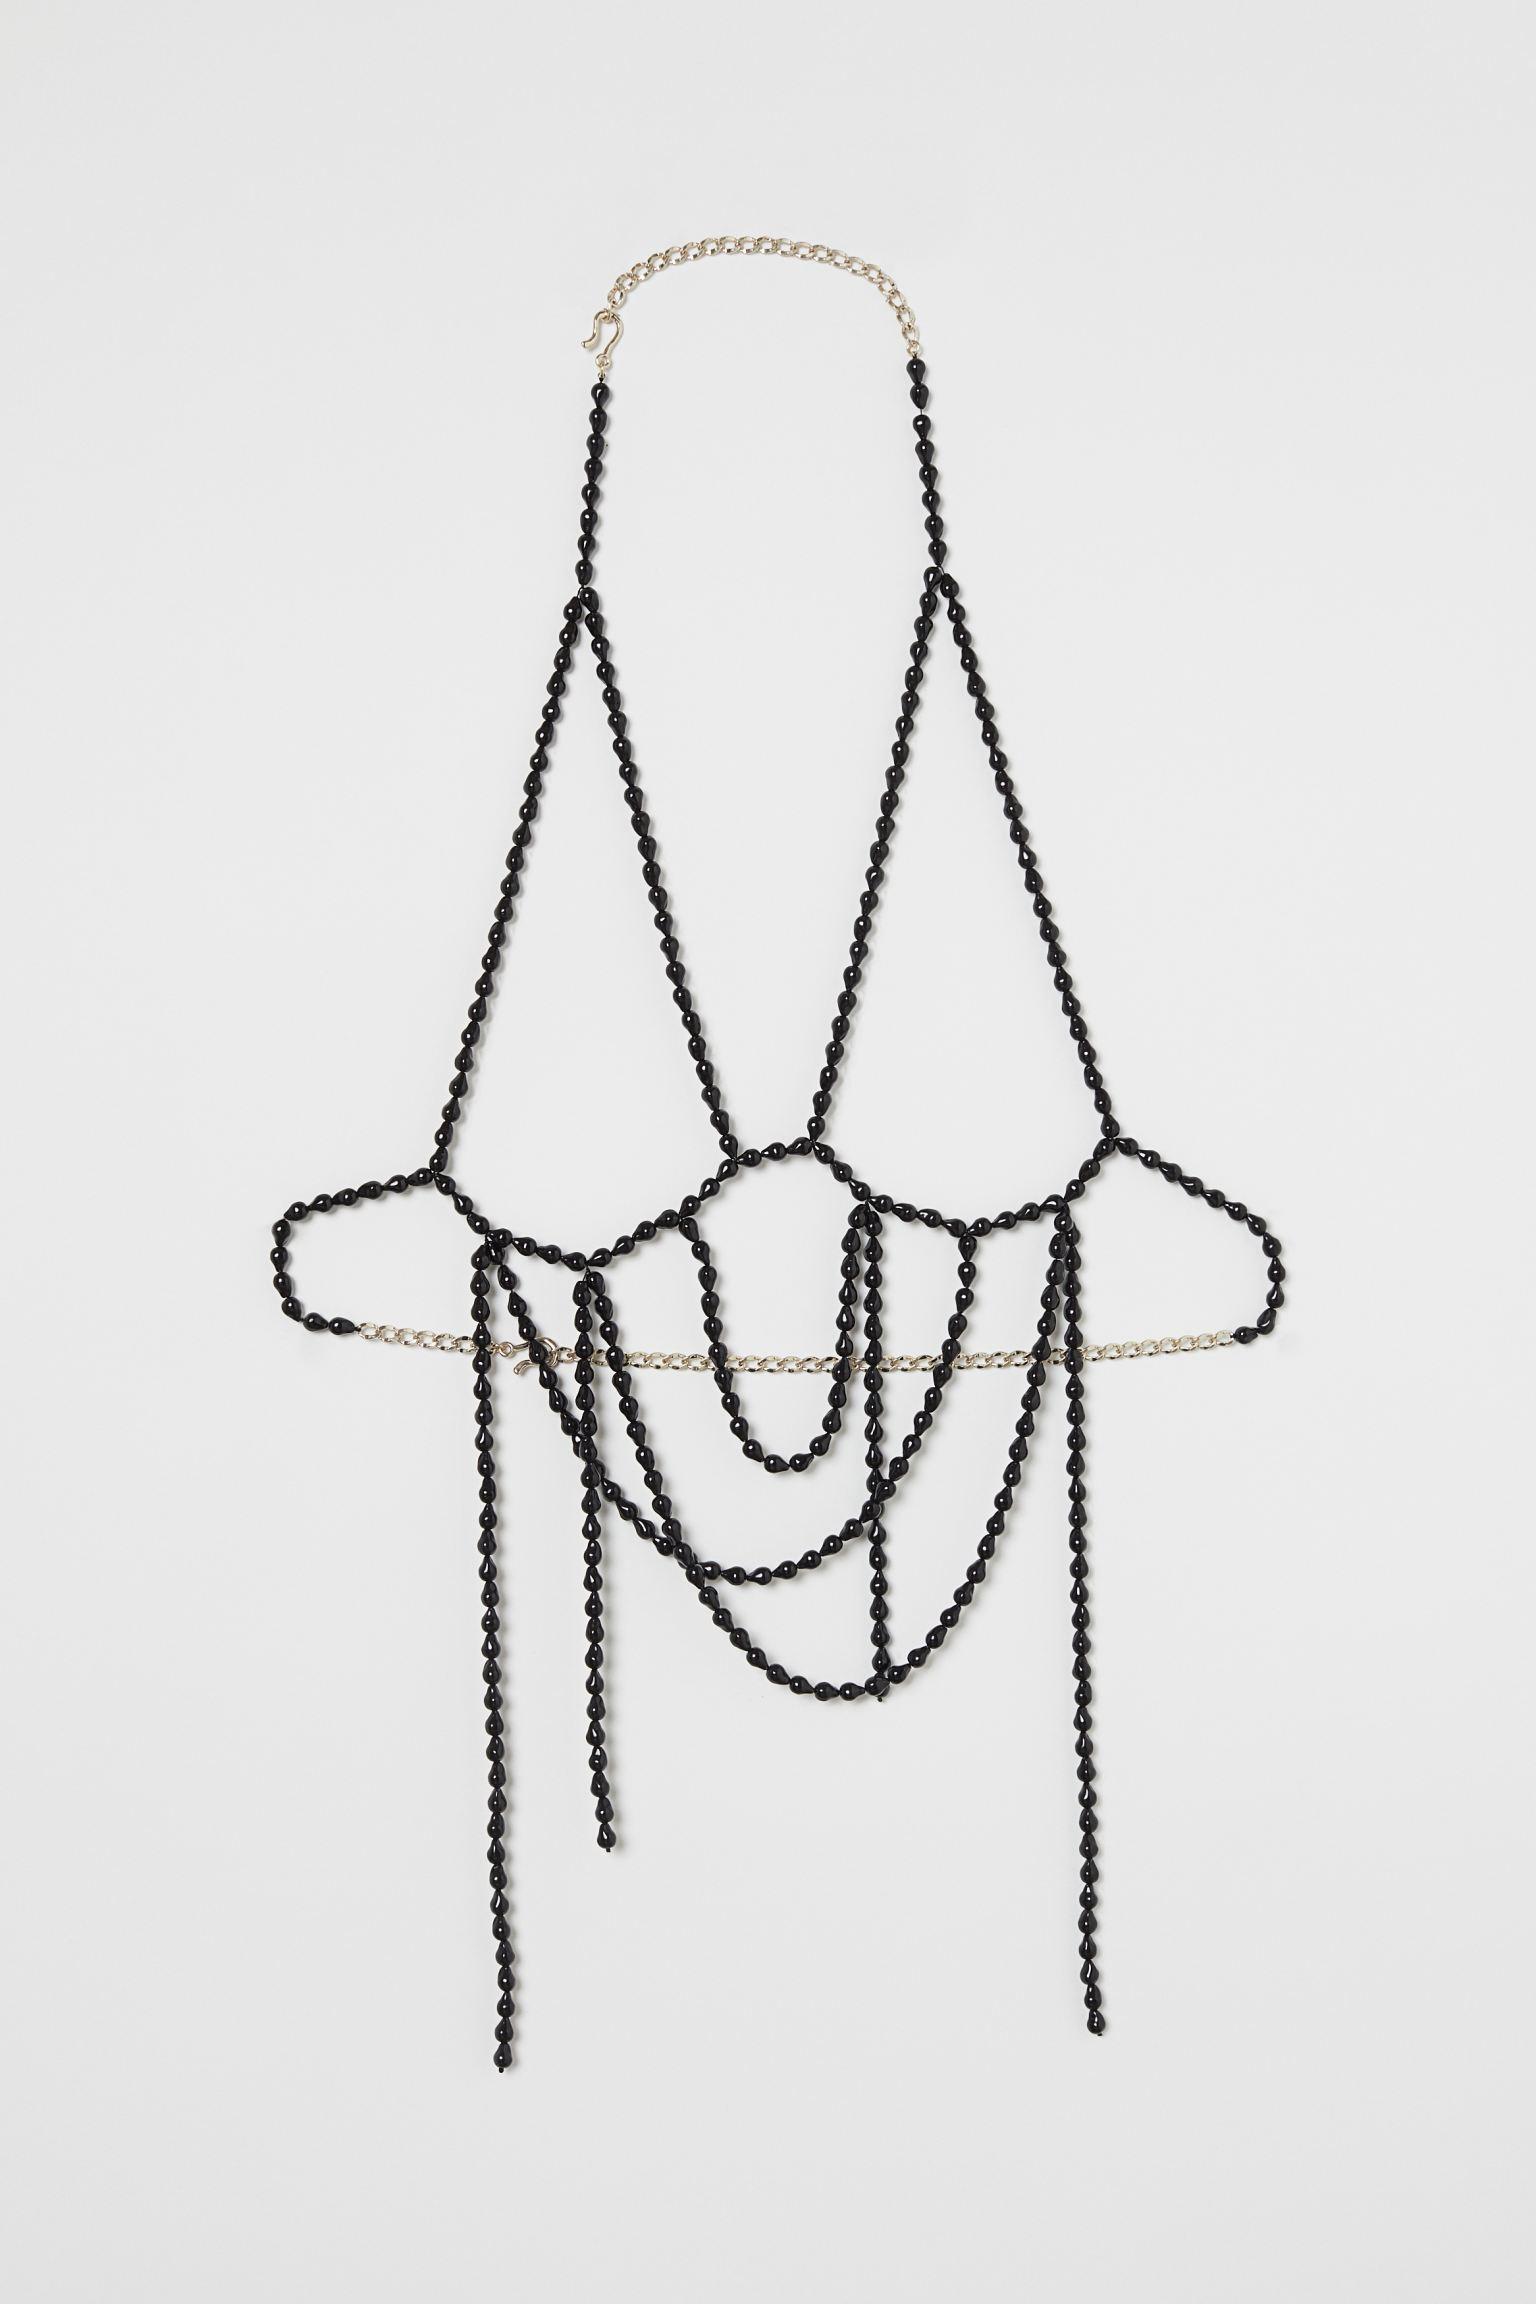 Studio Collection. Cadena corporal de perlas de acrílico reciclado con cadena de metal parcialmente reciclado. Copas preformadas y cierre en nuca y cintura.